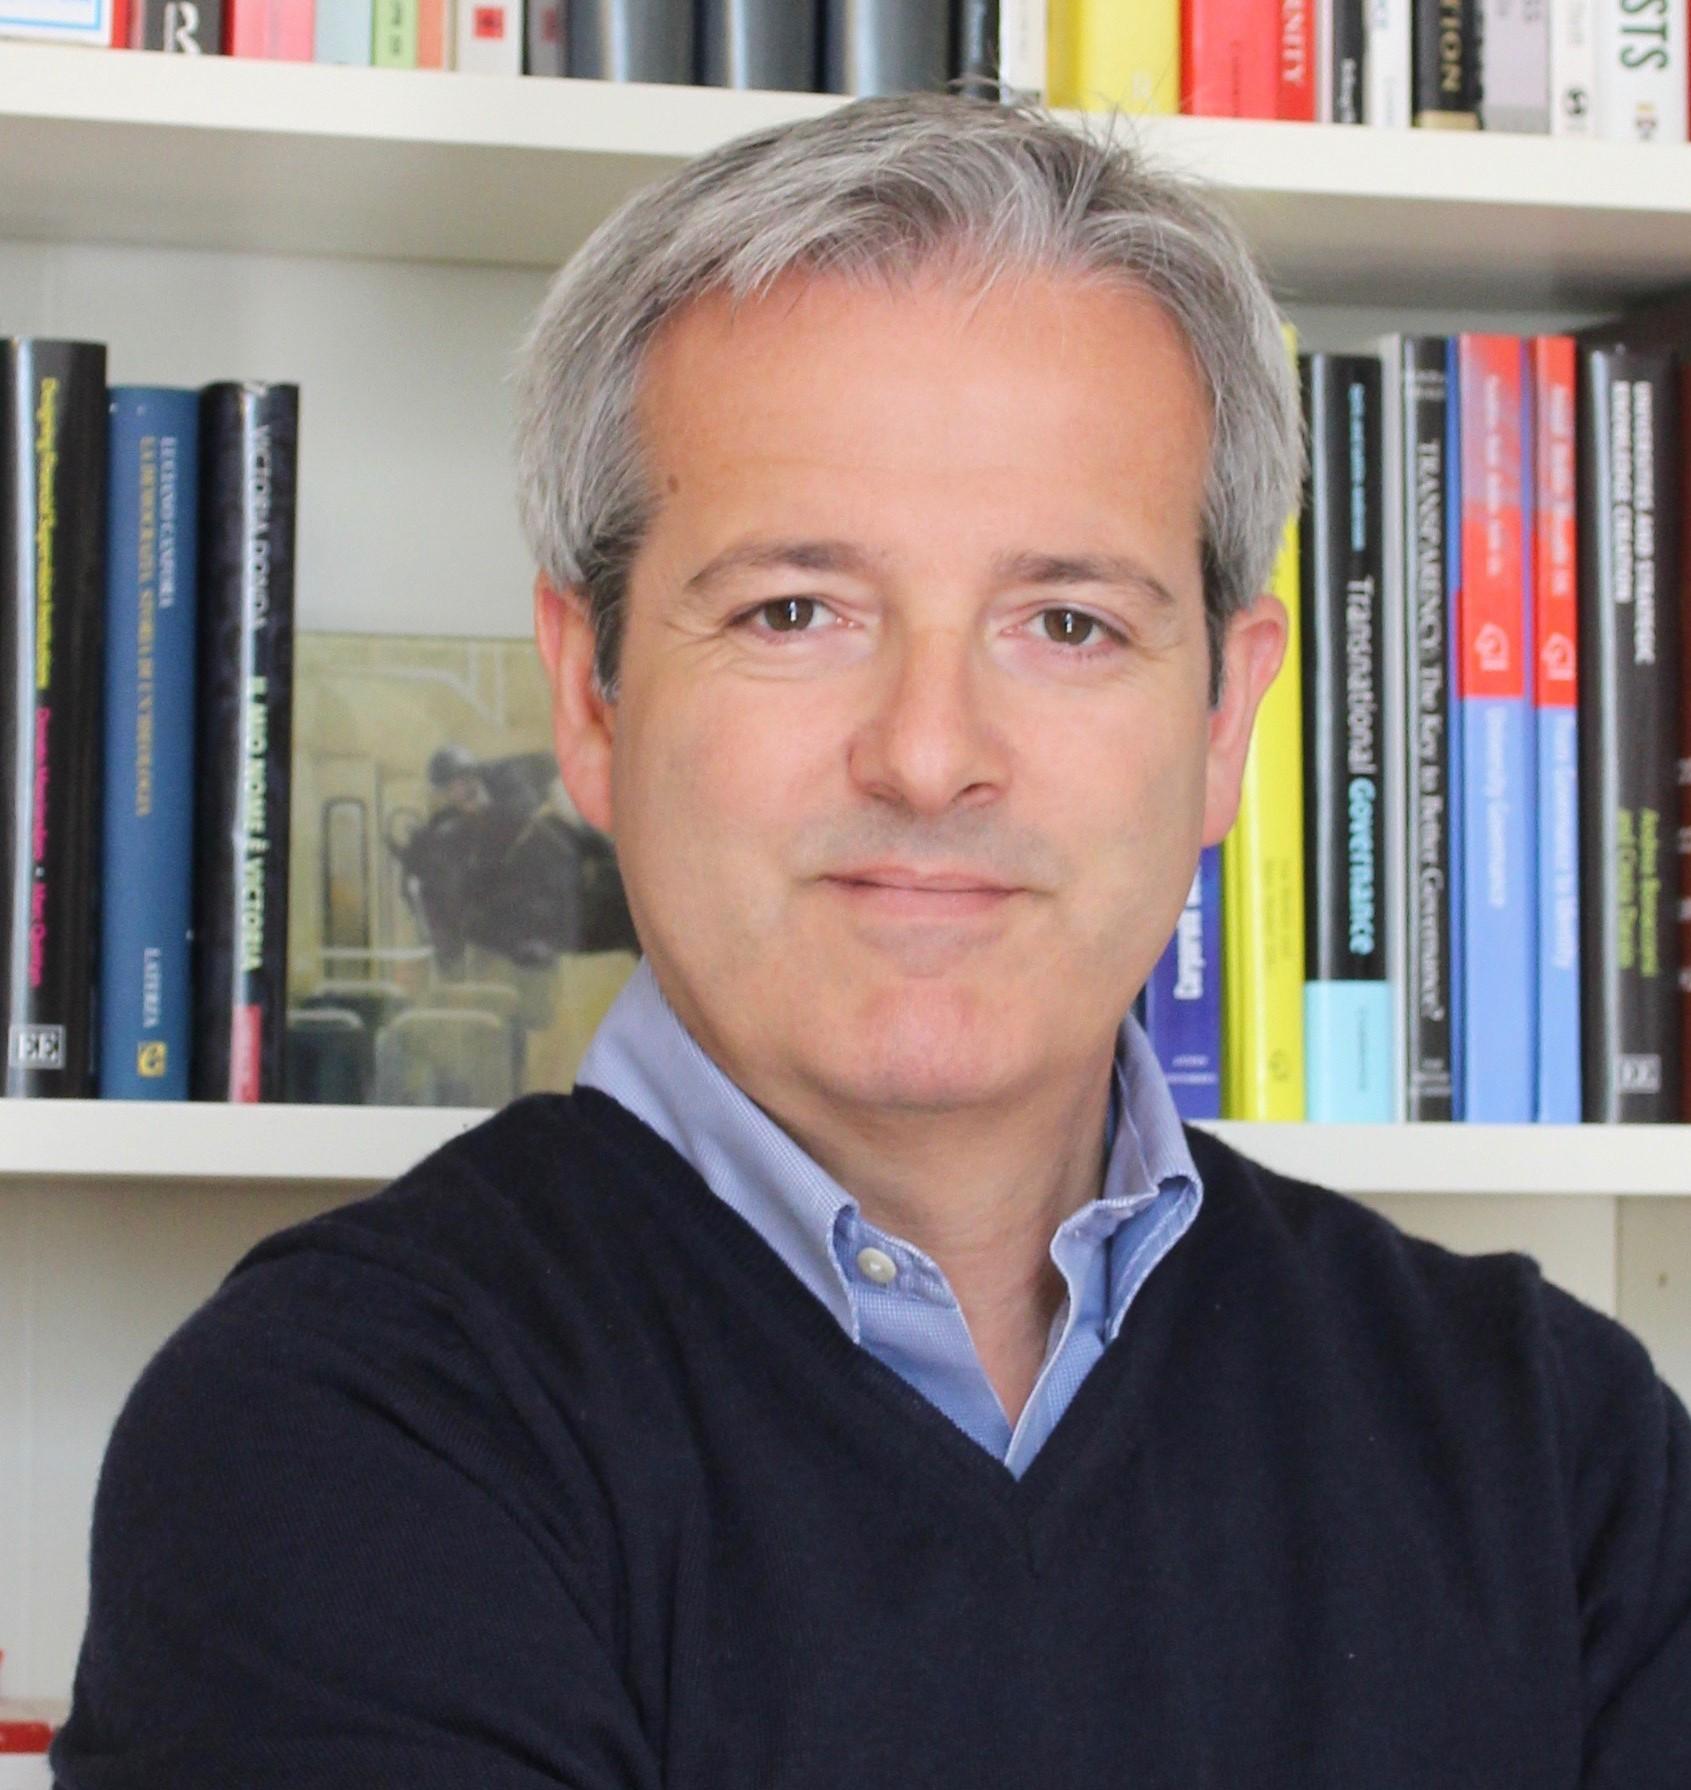 Professor Paolo Quattrone